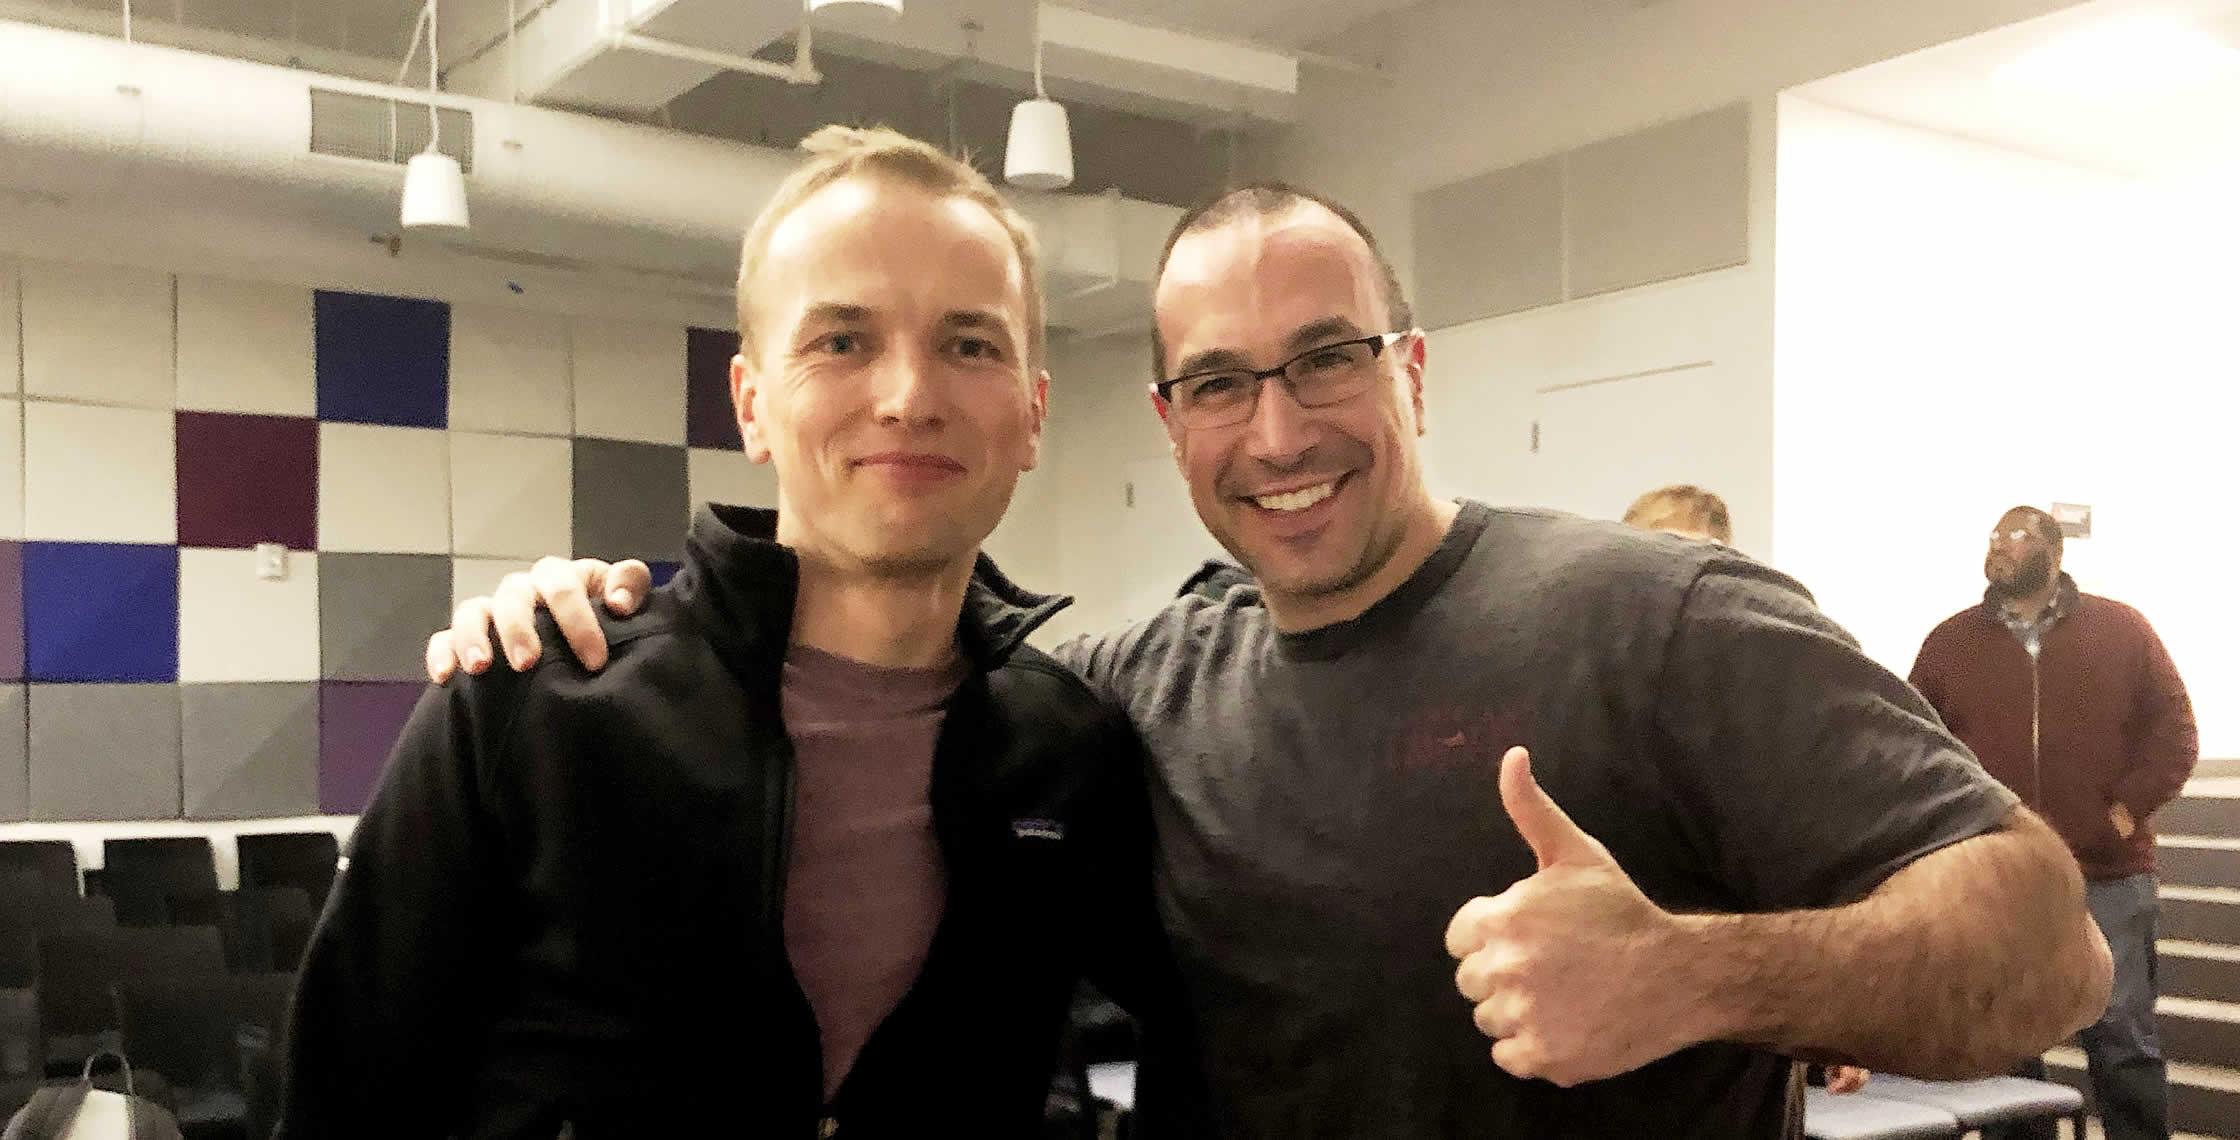 Ben Nadel at the Angular NYC Meetup (Jan. 2019) with: Igor Minar